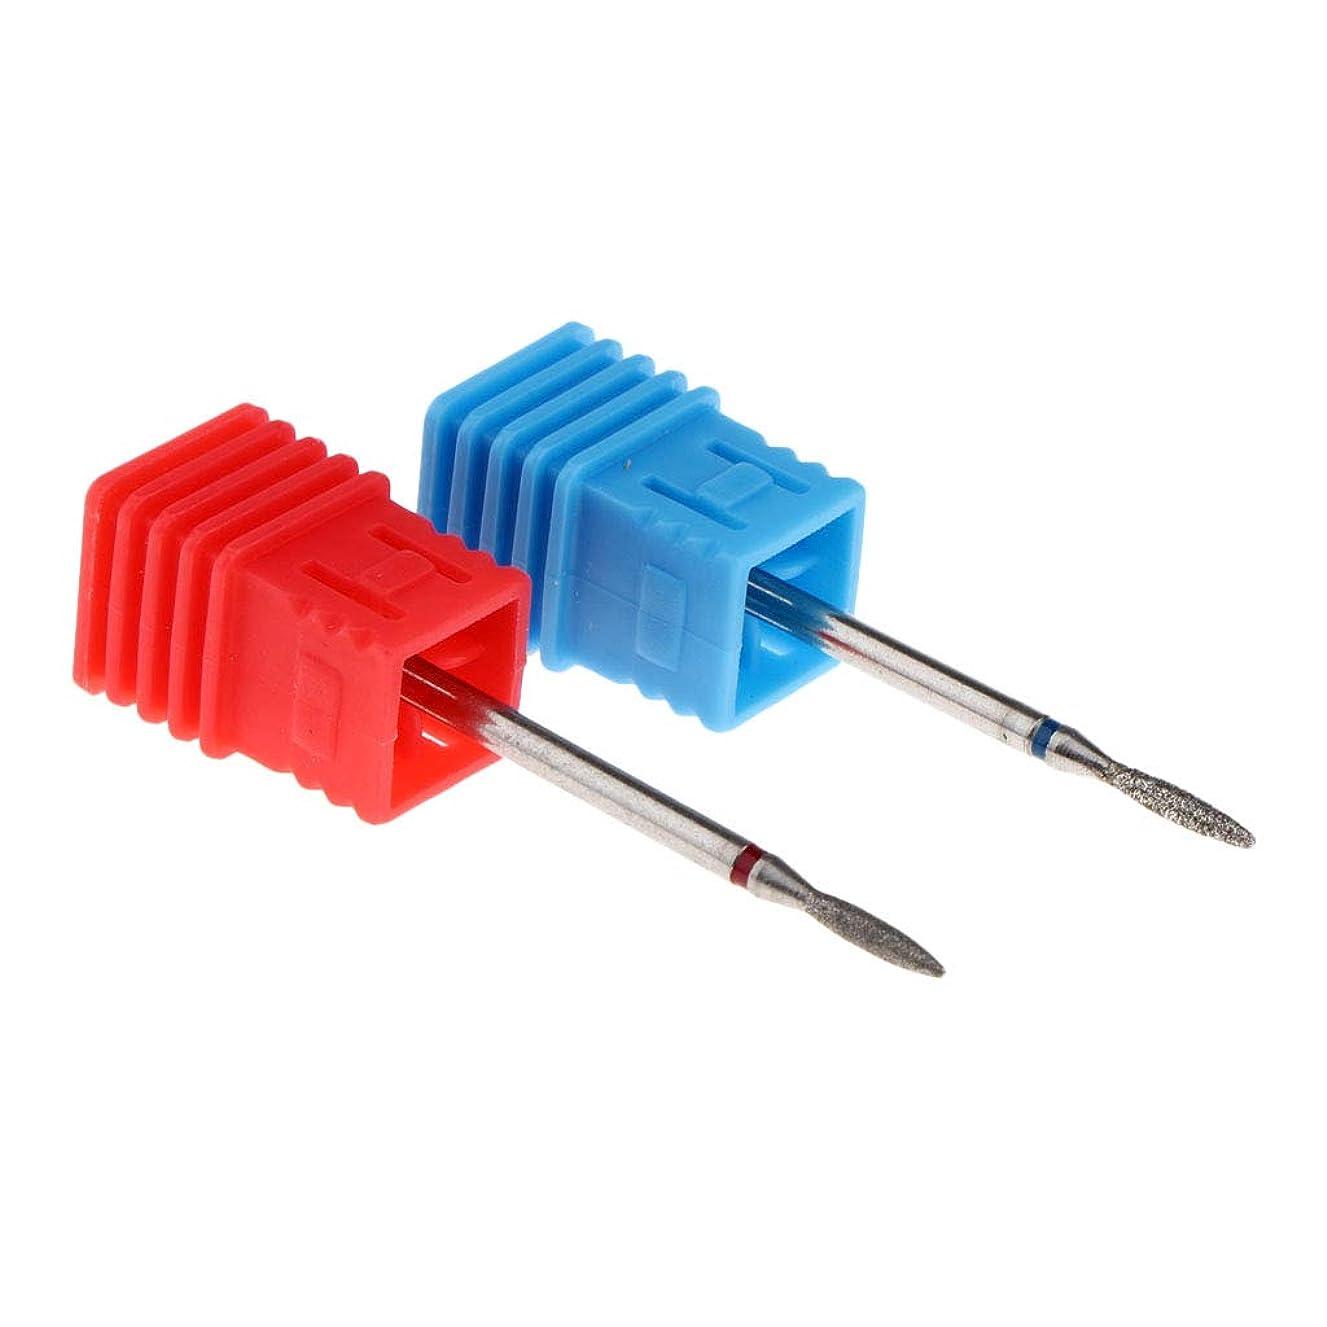 耕すブレーキあえぎネイルアート ドリルビット 電気ネイルドリルビット ネイルマシーン用ビット 9色選ぶ - 02